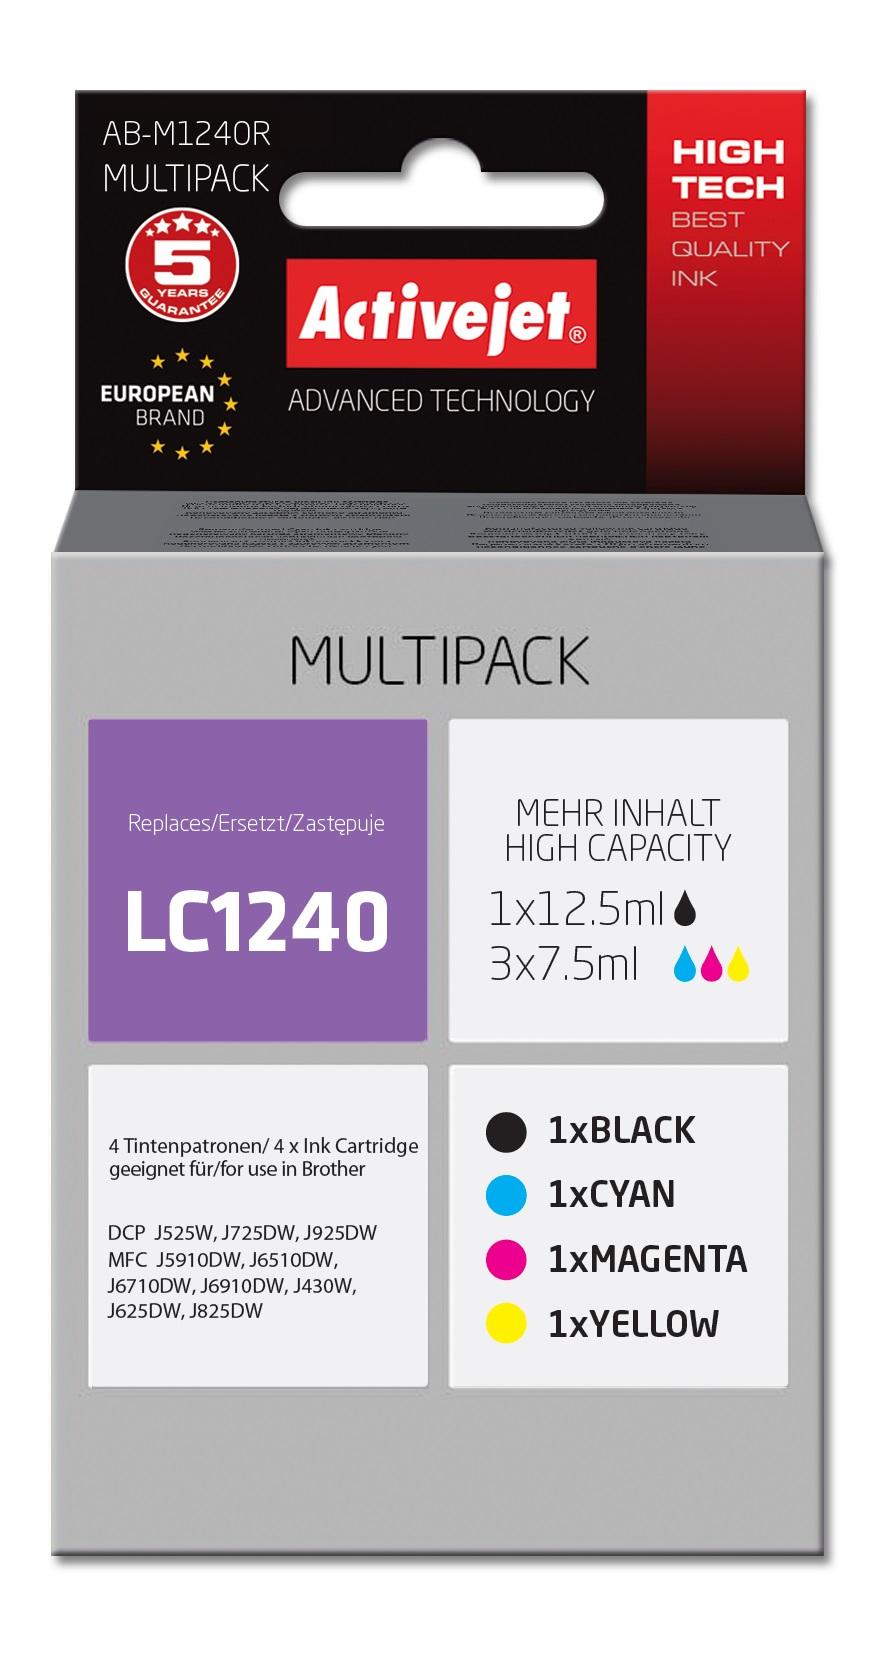 Tusz Activejet AB-M1240R do drukarki Brother, Zamiennik Brother LC1240CMYK; Supreme;  1 x 12,5 ml, 3 x 7,5 ml;  czarny, purpurowy, błękitny, żółty.